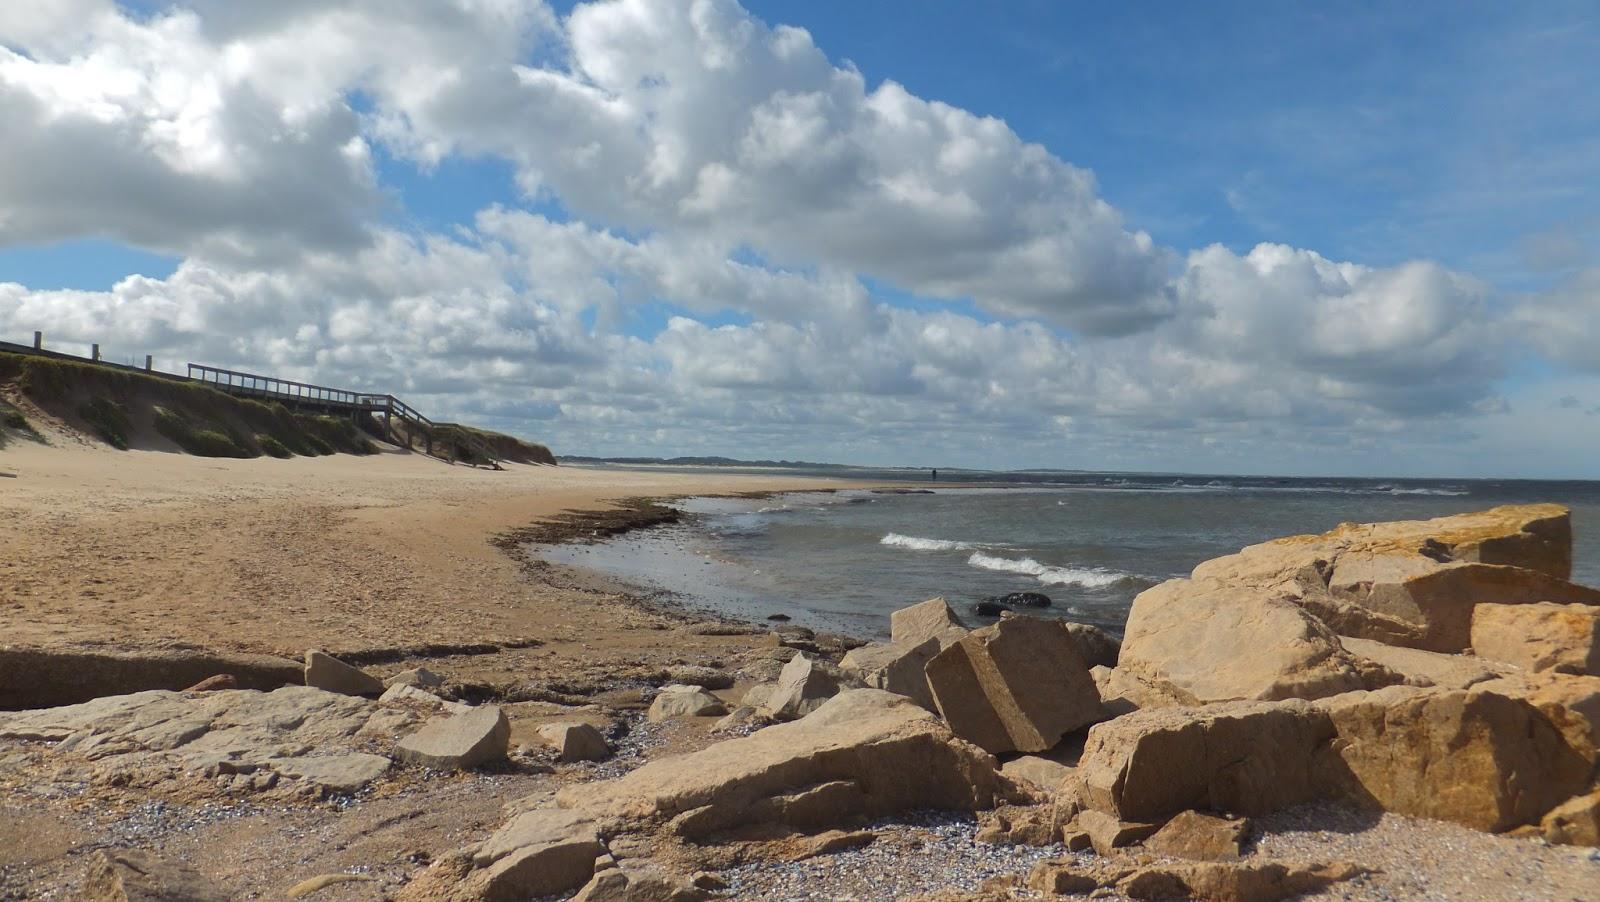 Faro de José Ignacio, Uruguay, Elisa N, Blog de Viajes, Lifestyle, Travel